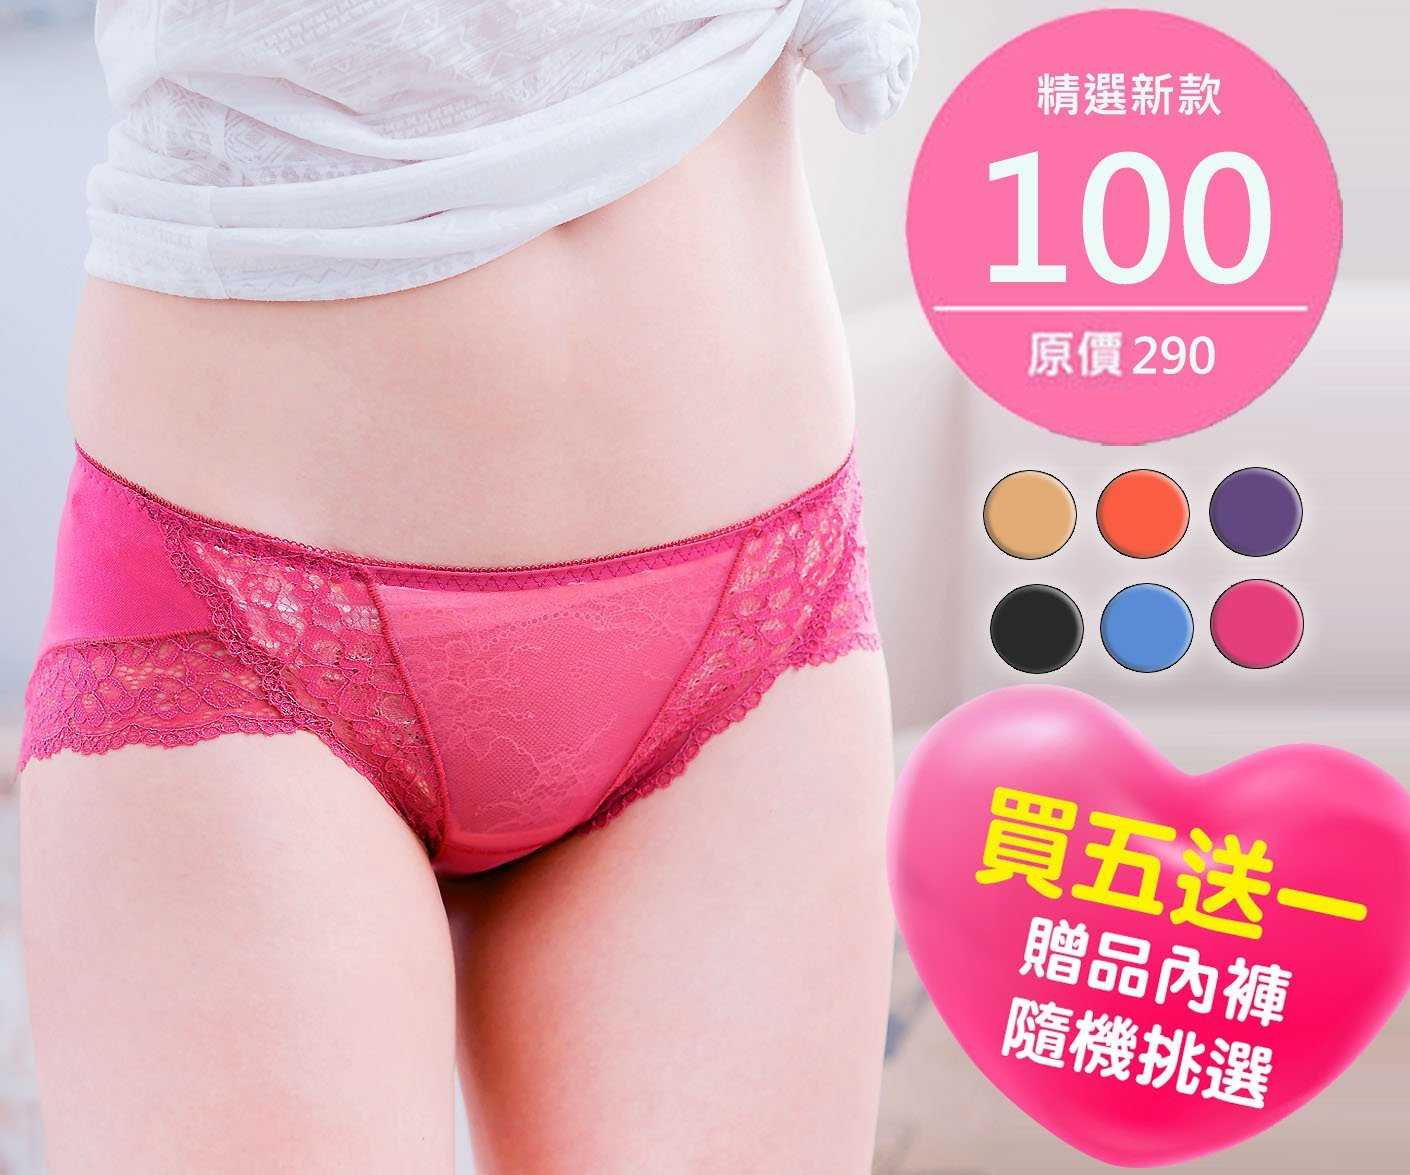 公主的新衣【8346】美臀極致低腰褲 吸汗透氣 黑色、紫紅色、深紫色、藍色、膚色、橘色 店長